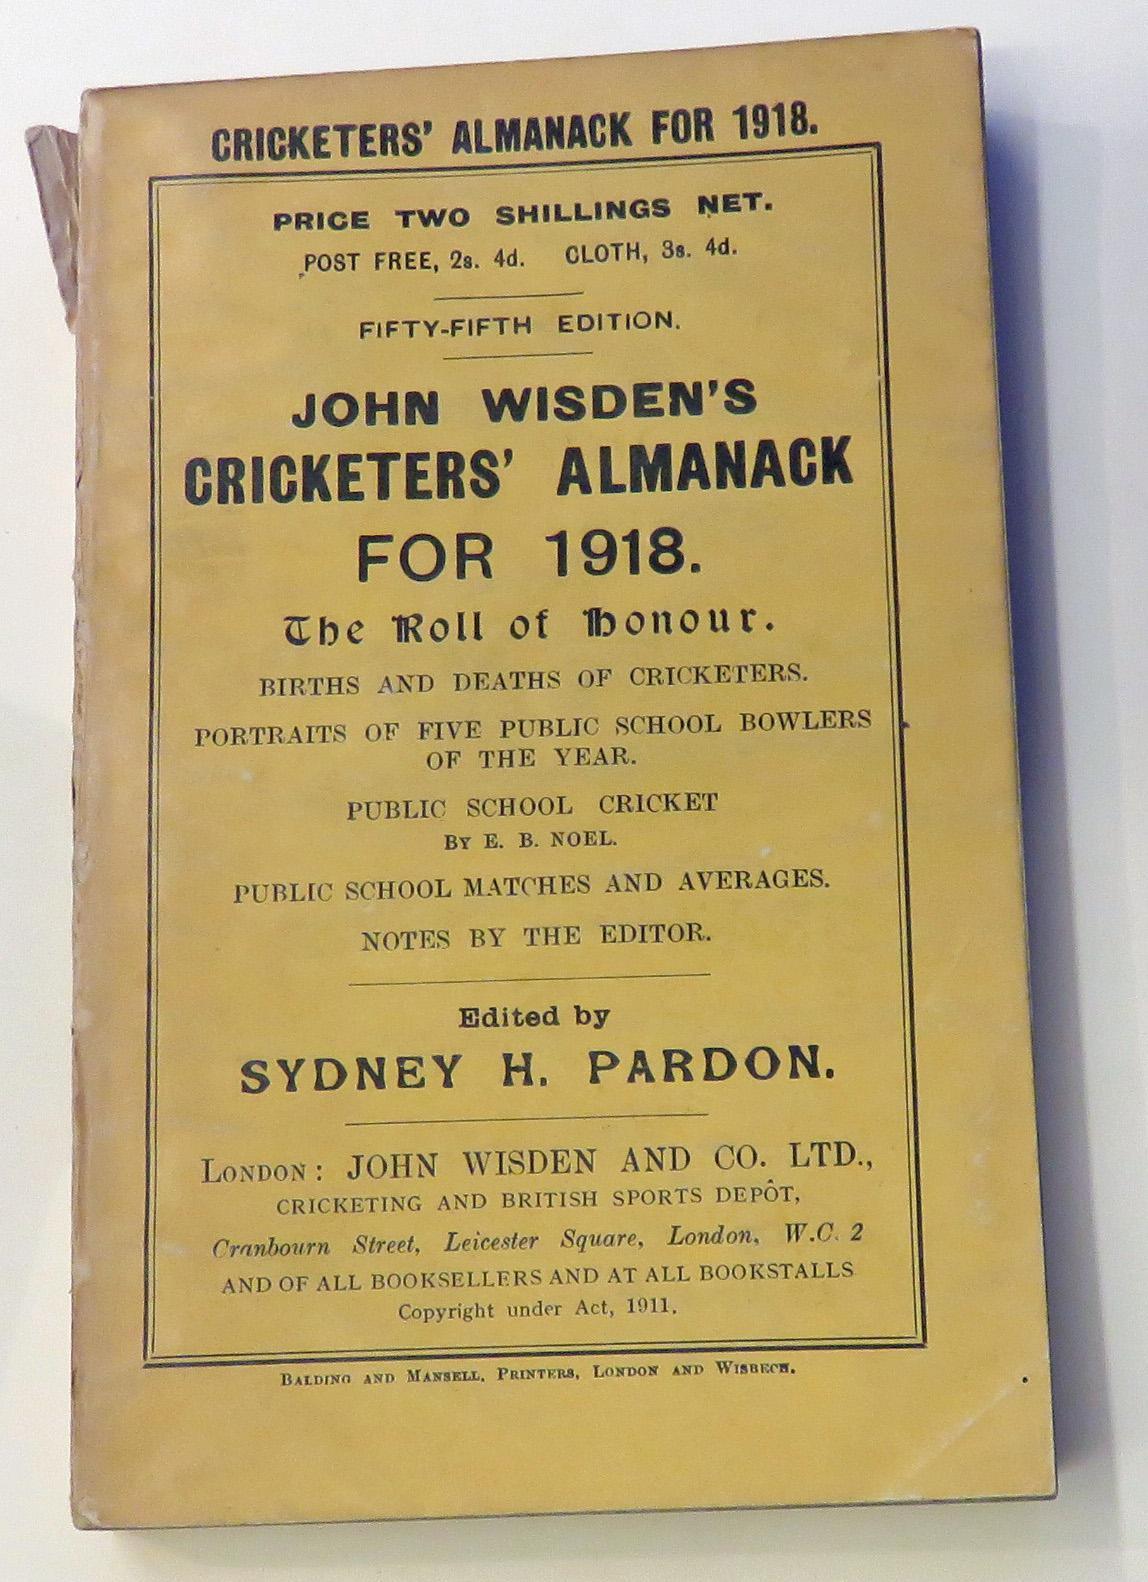 **John Wisden's Cricketers' Almanack For 1918